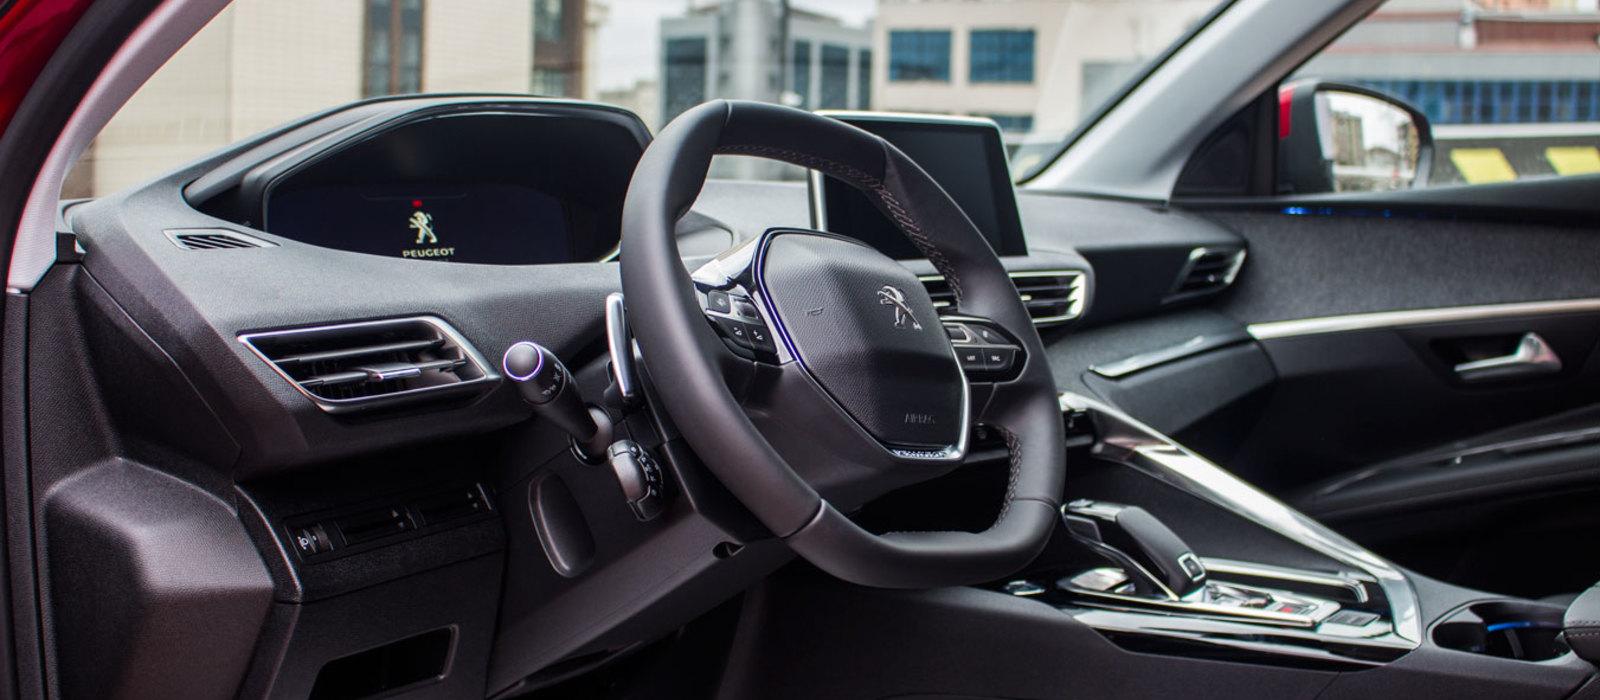 ikinci el araba 2017 Peugeot 3008 1.6 BlueHDi Allure Dizel Otomatik 8000 KM 7